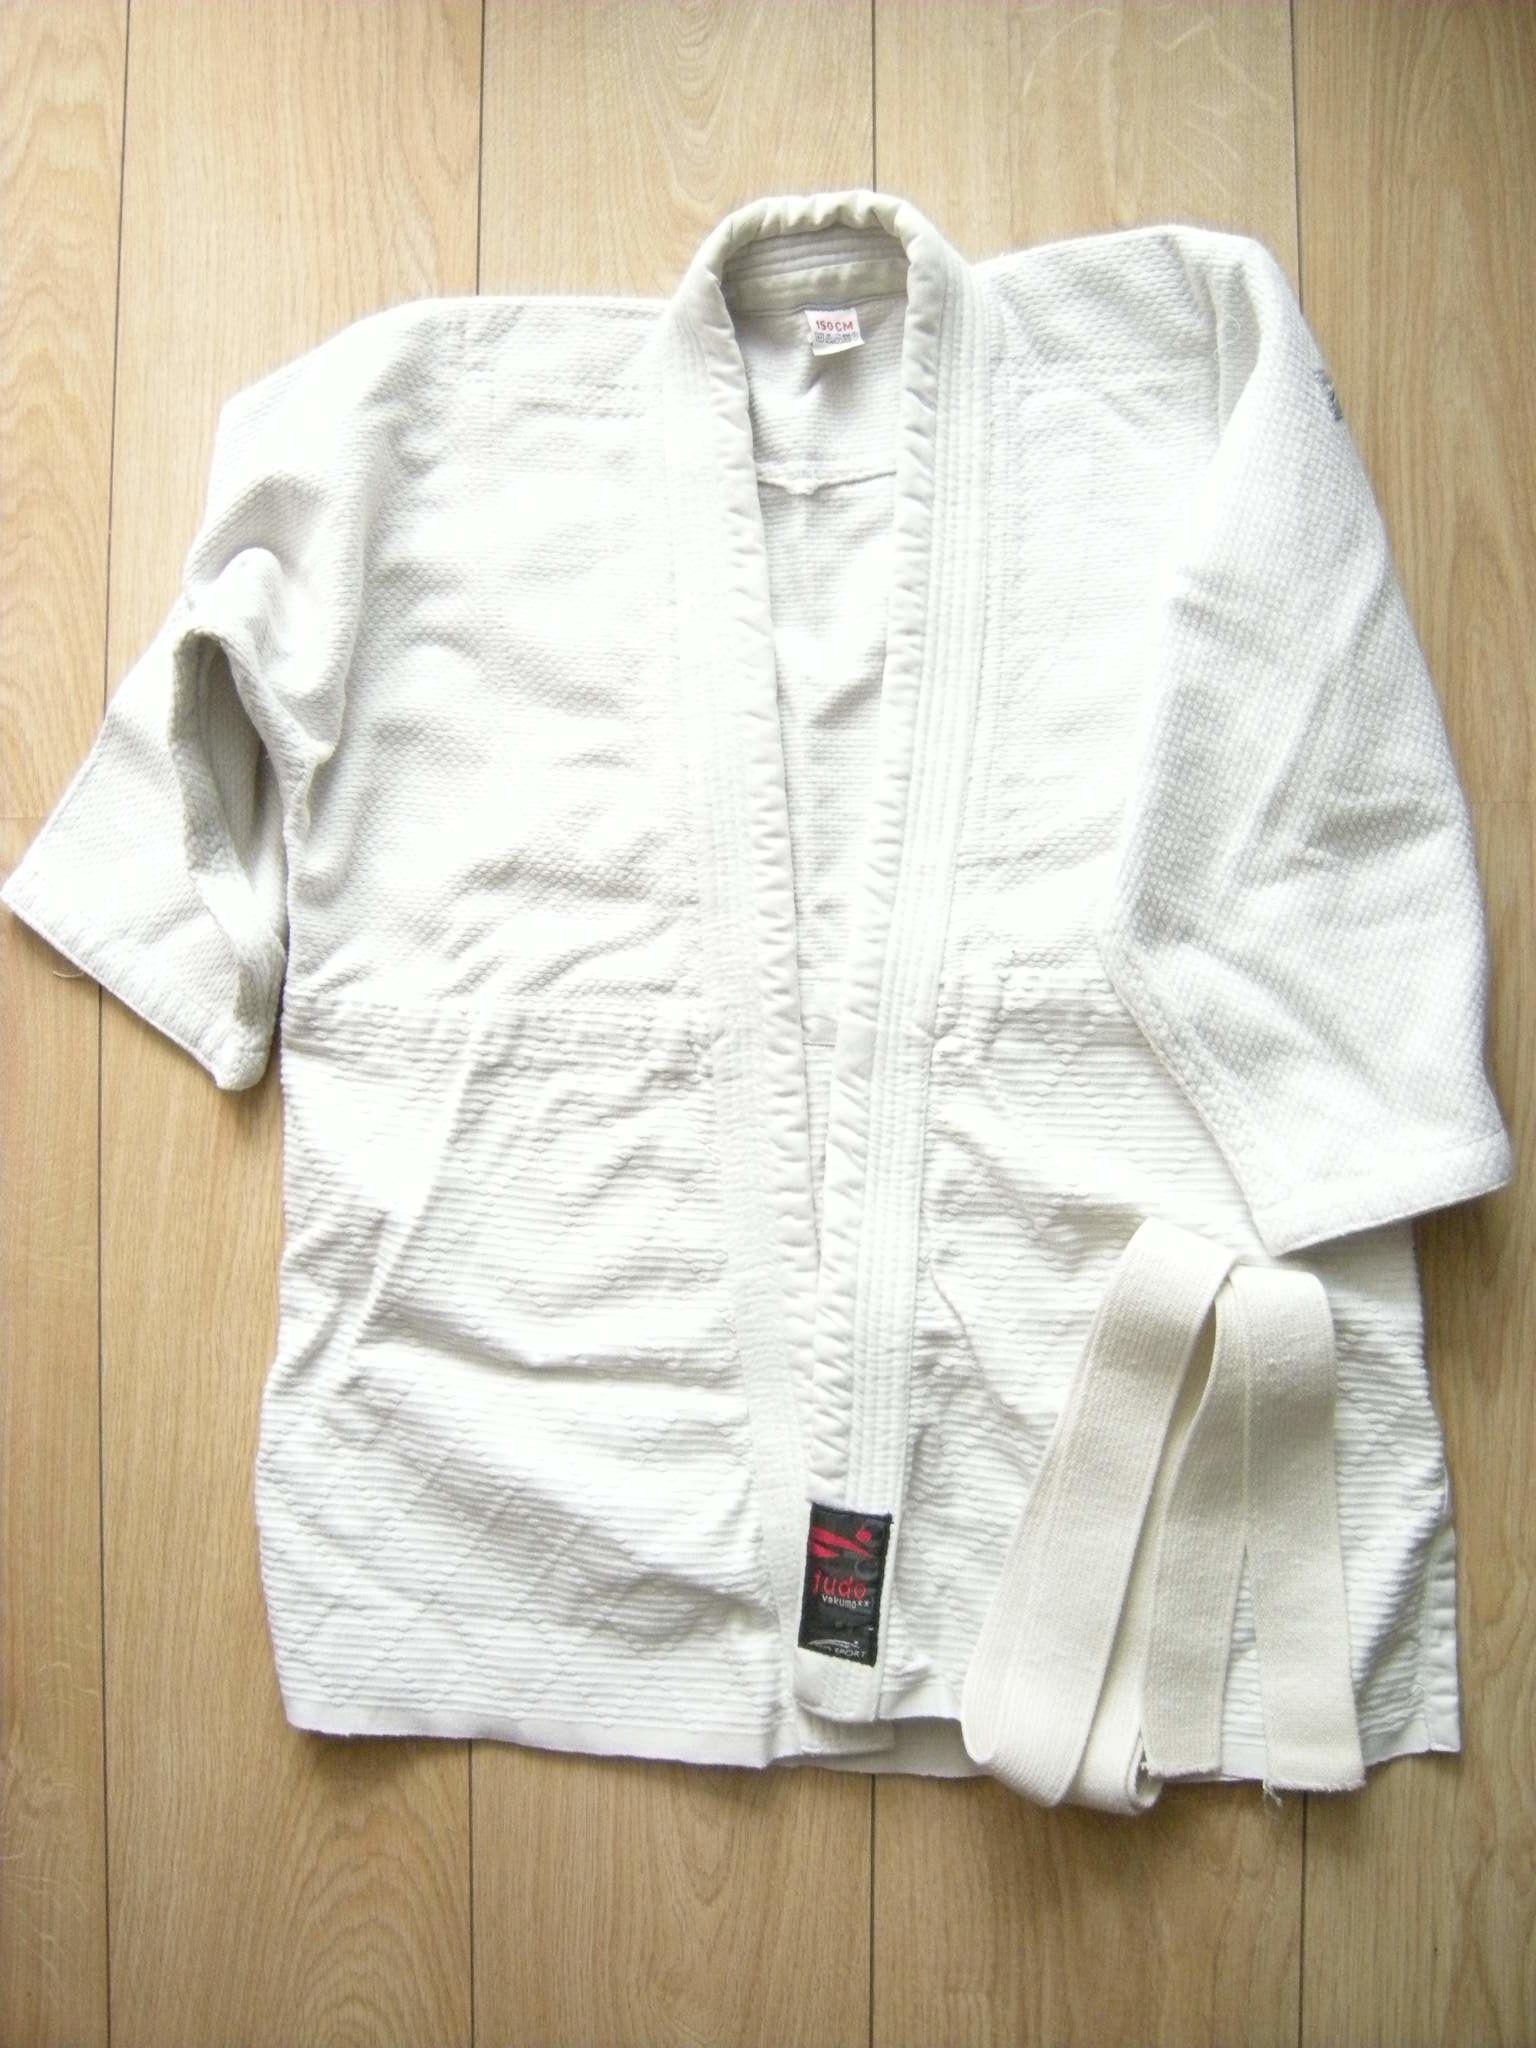 vêtement pour pratiquer le judo 10 Courbevoie (92)